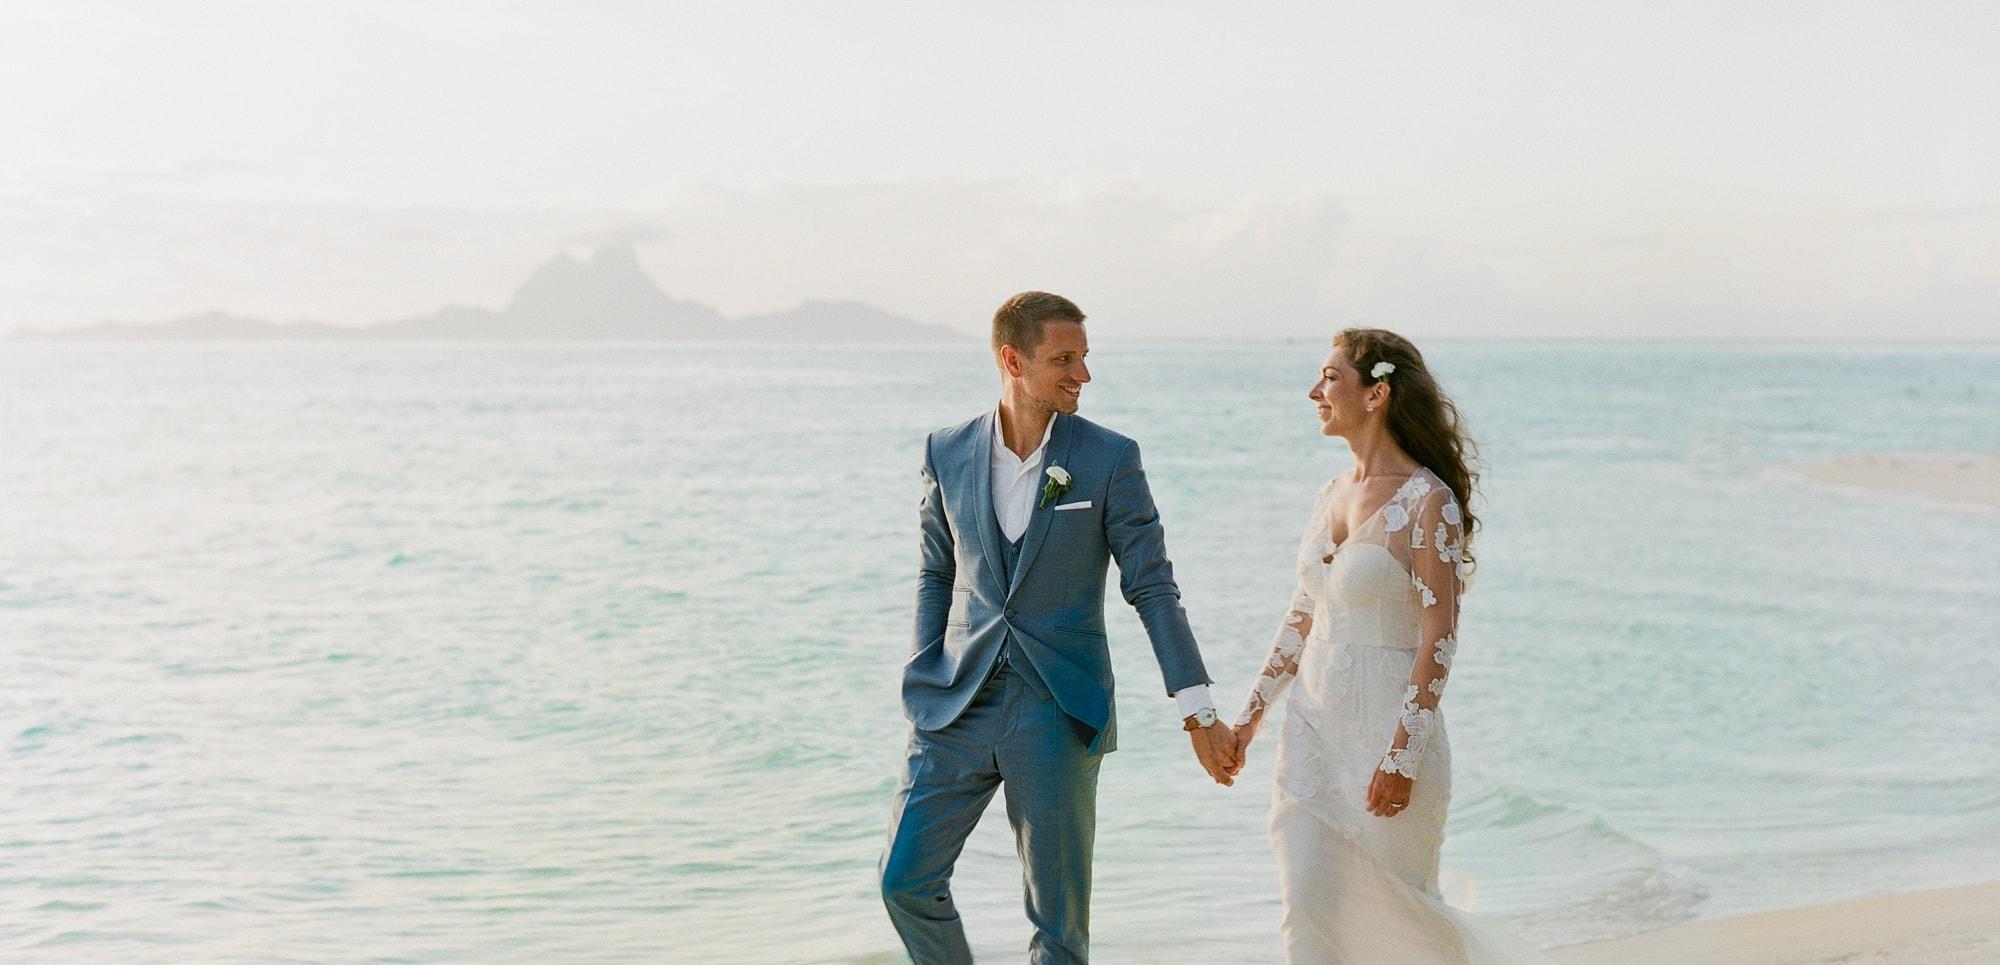 https://tahititourisme.fr/wp-content/uploads/2021/04/PCP-Bora-Bora-Photography-Couple-Wedding-sunset.jpg